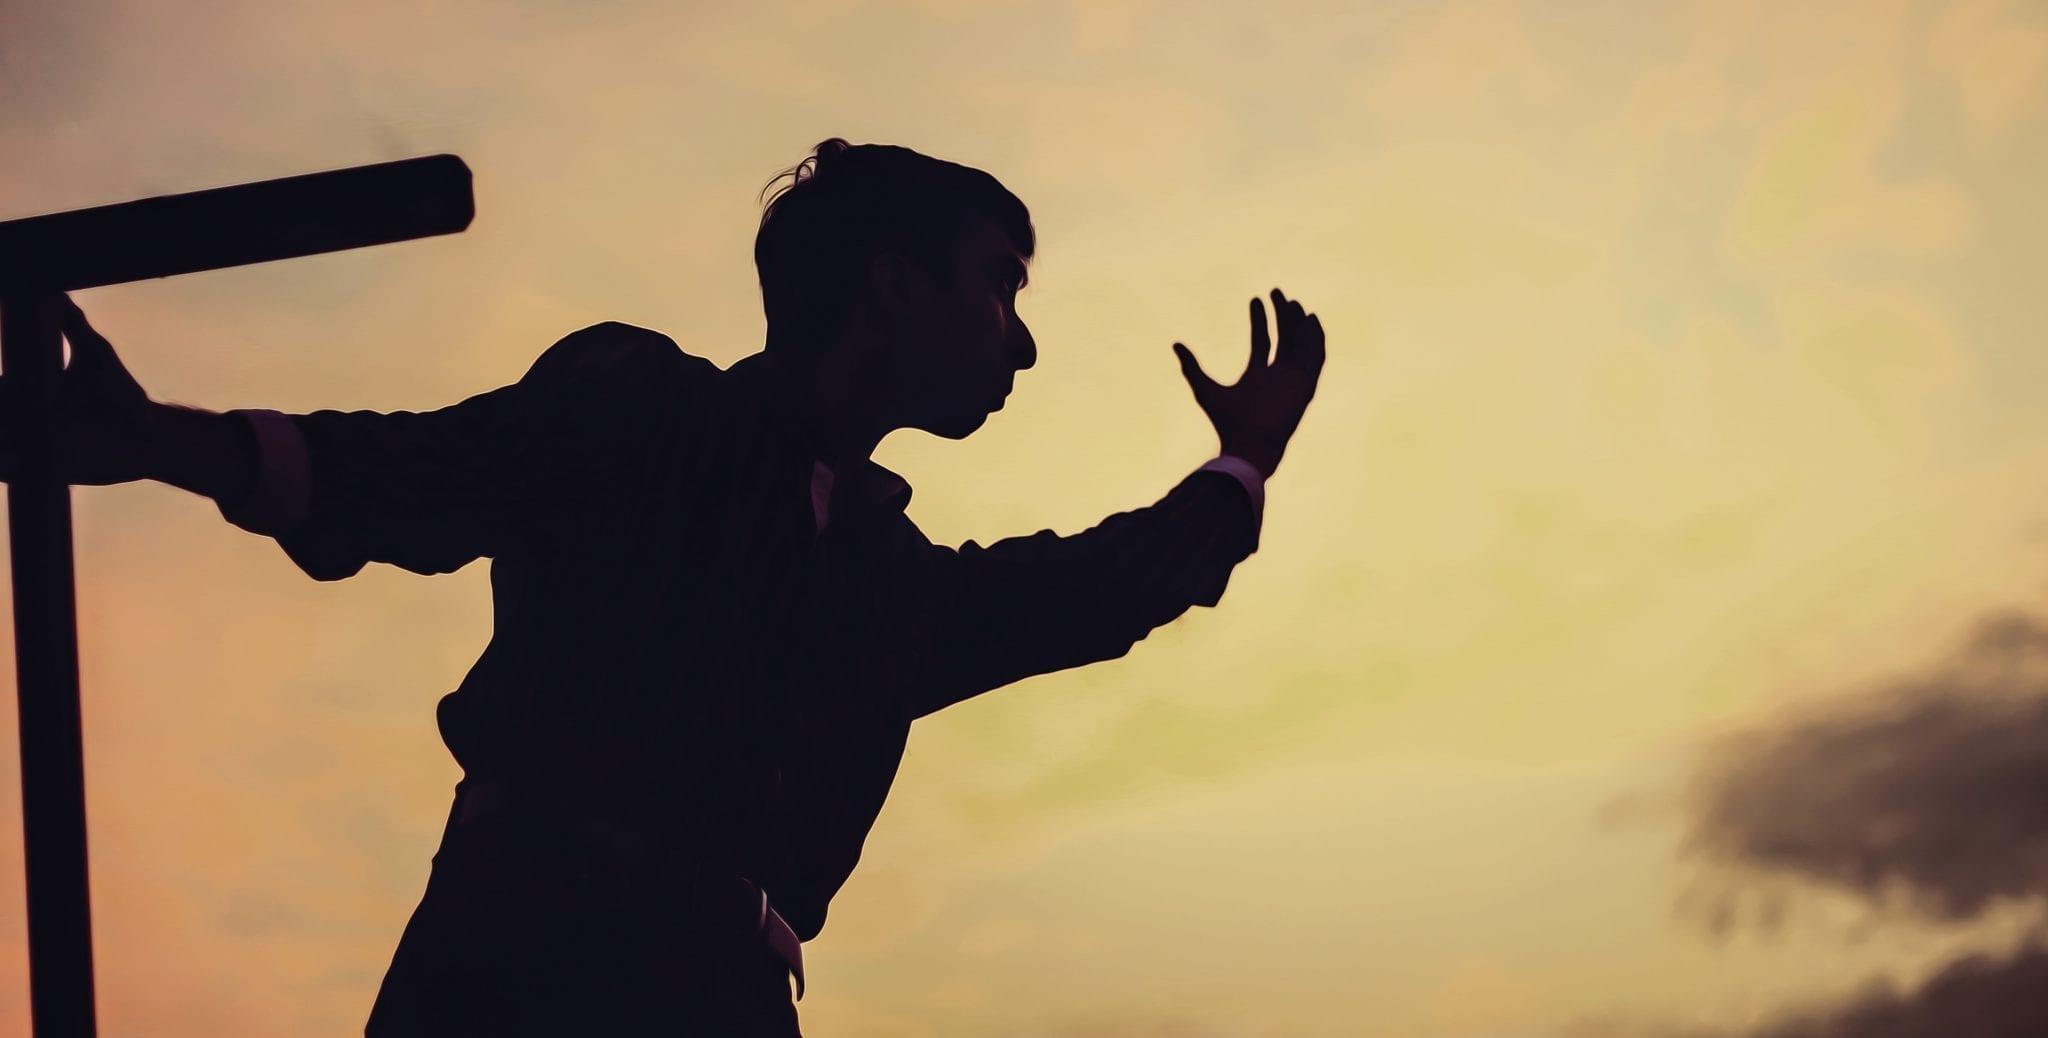 Teen silhouette; image via Pxhere, CC0.